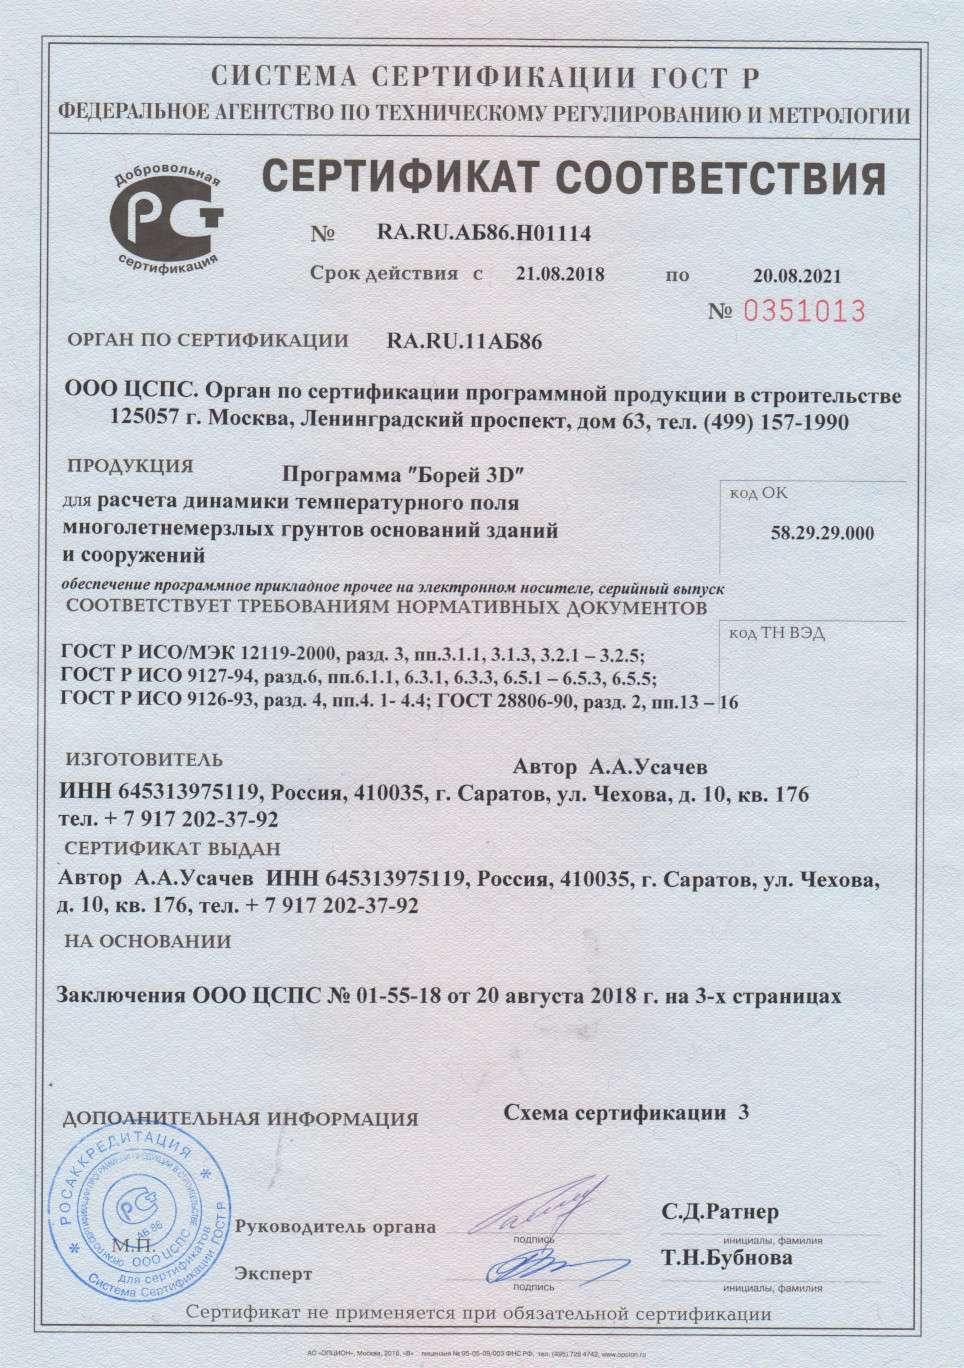 Сертификат соответствия программы Борей 3D